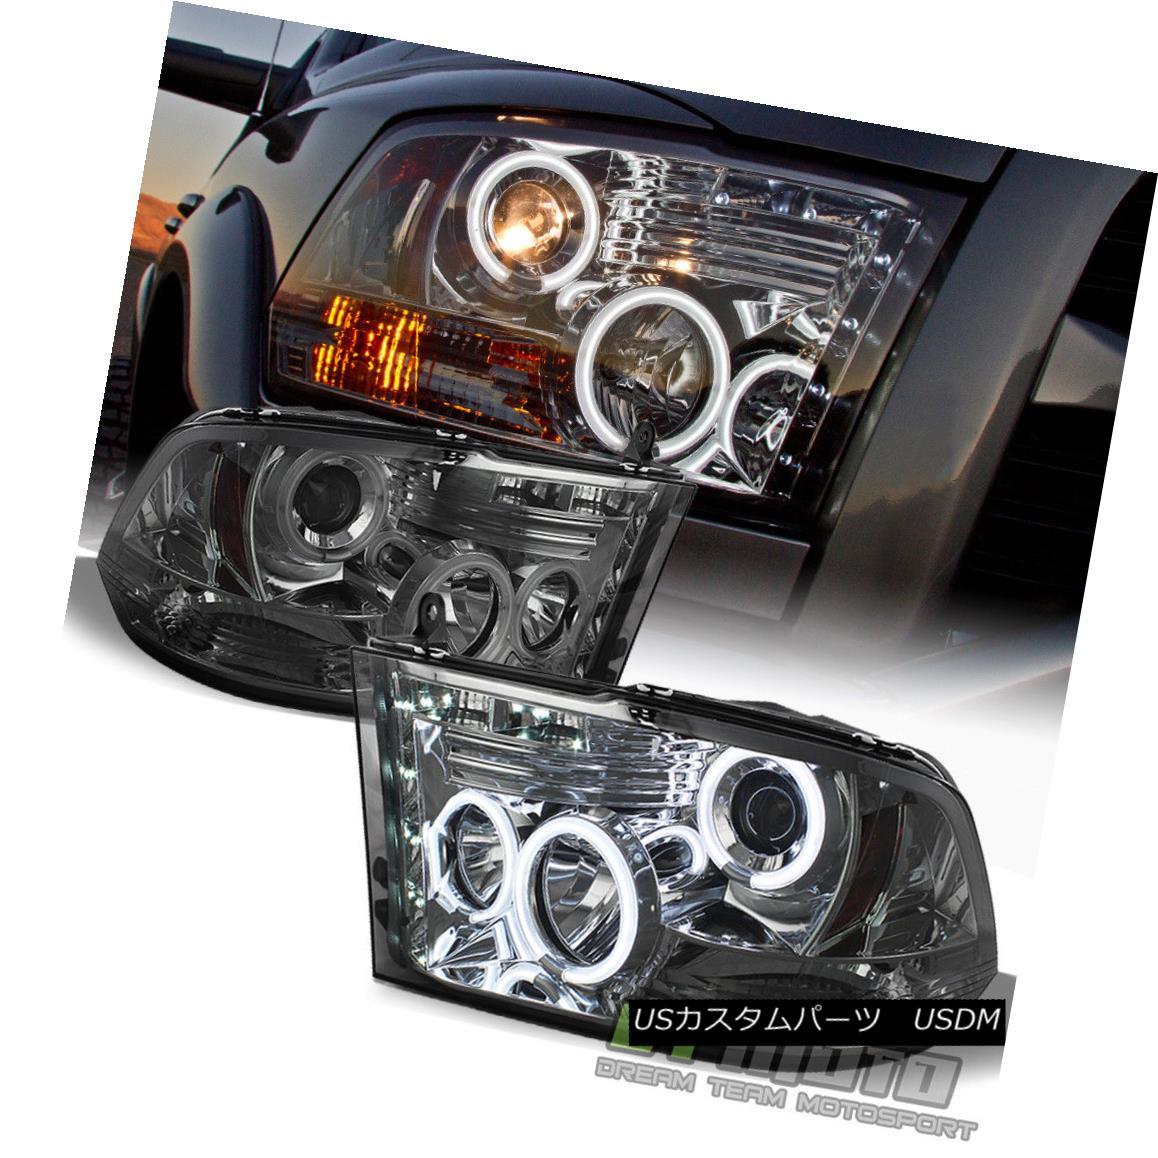 ヘッドライト Smoke 2009-2017 Dodge Ram CCFL Halo Projector Headlights w/LED DRL Running Lamps Smoke 2009-2017 Dodge Ram CCFL Haloプロジェクターヘッドライト(LED DRLランニングランプ付)